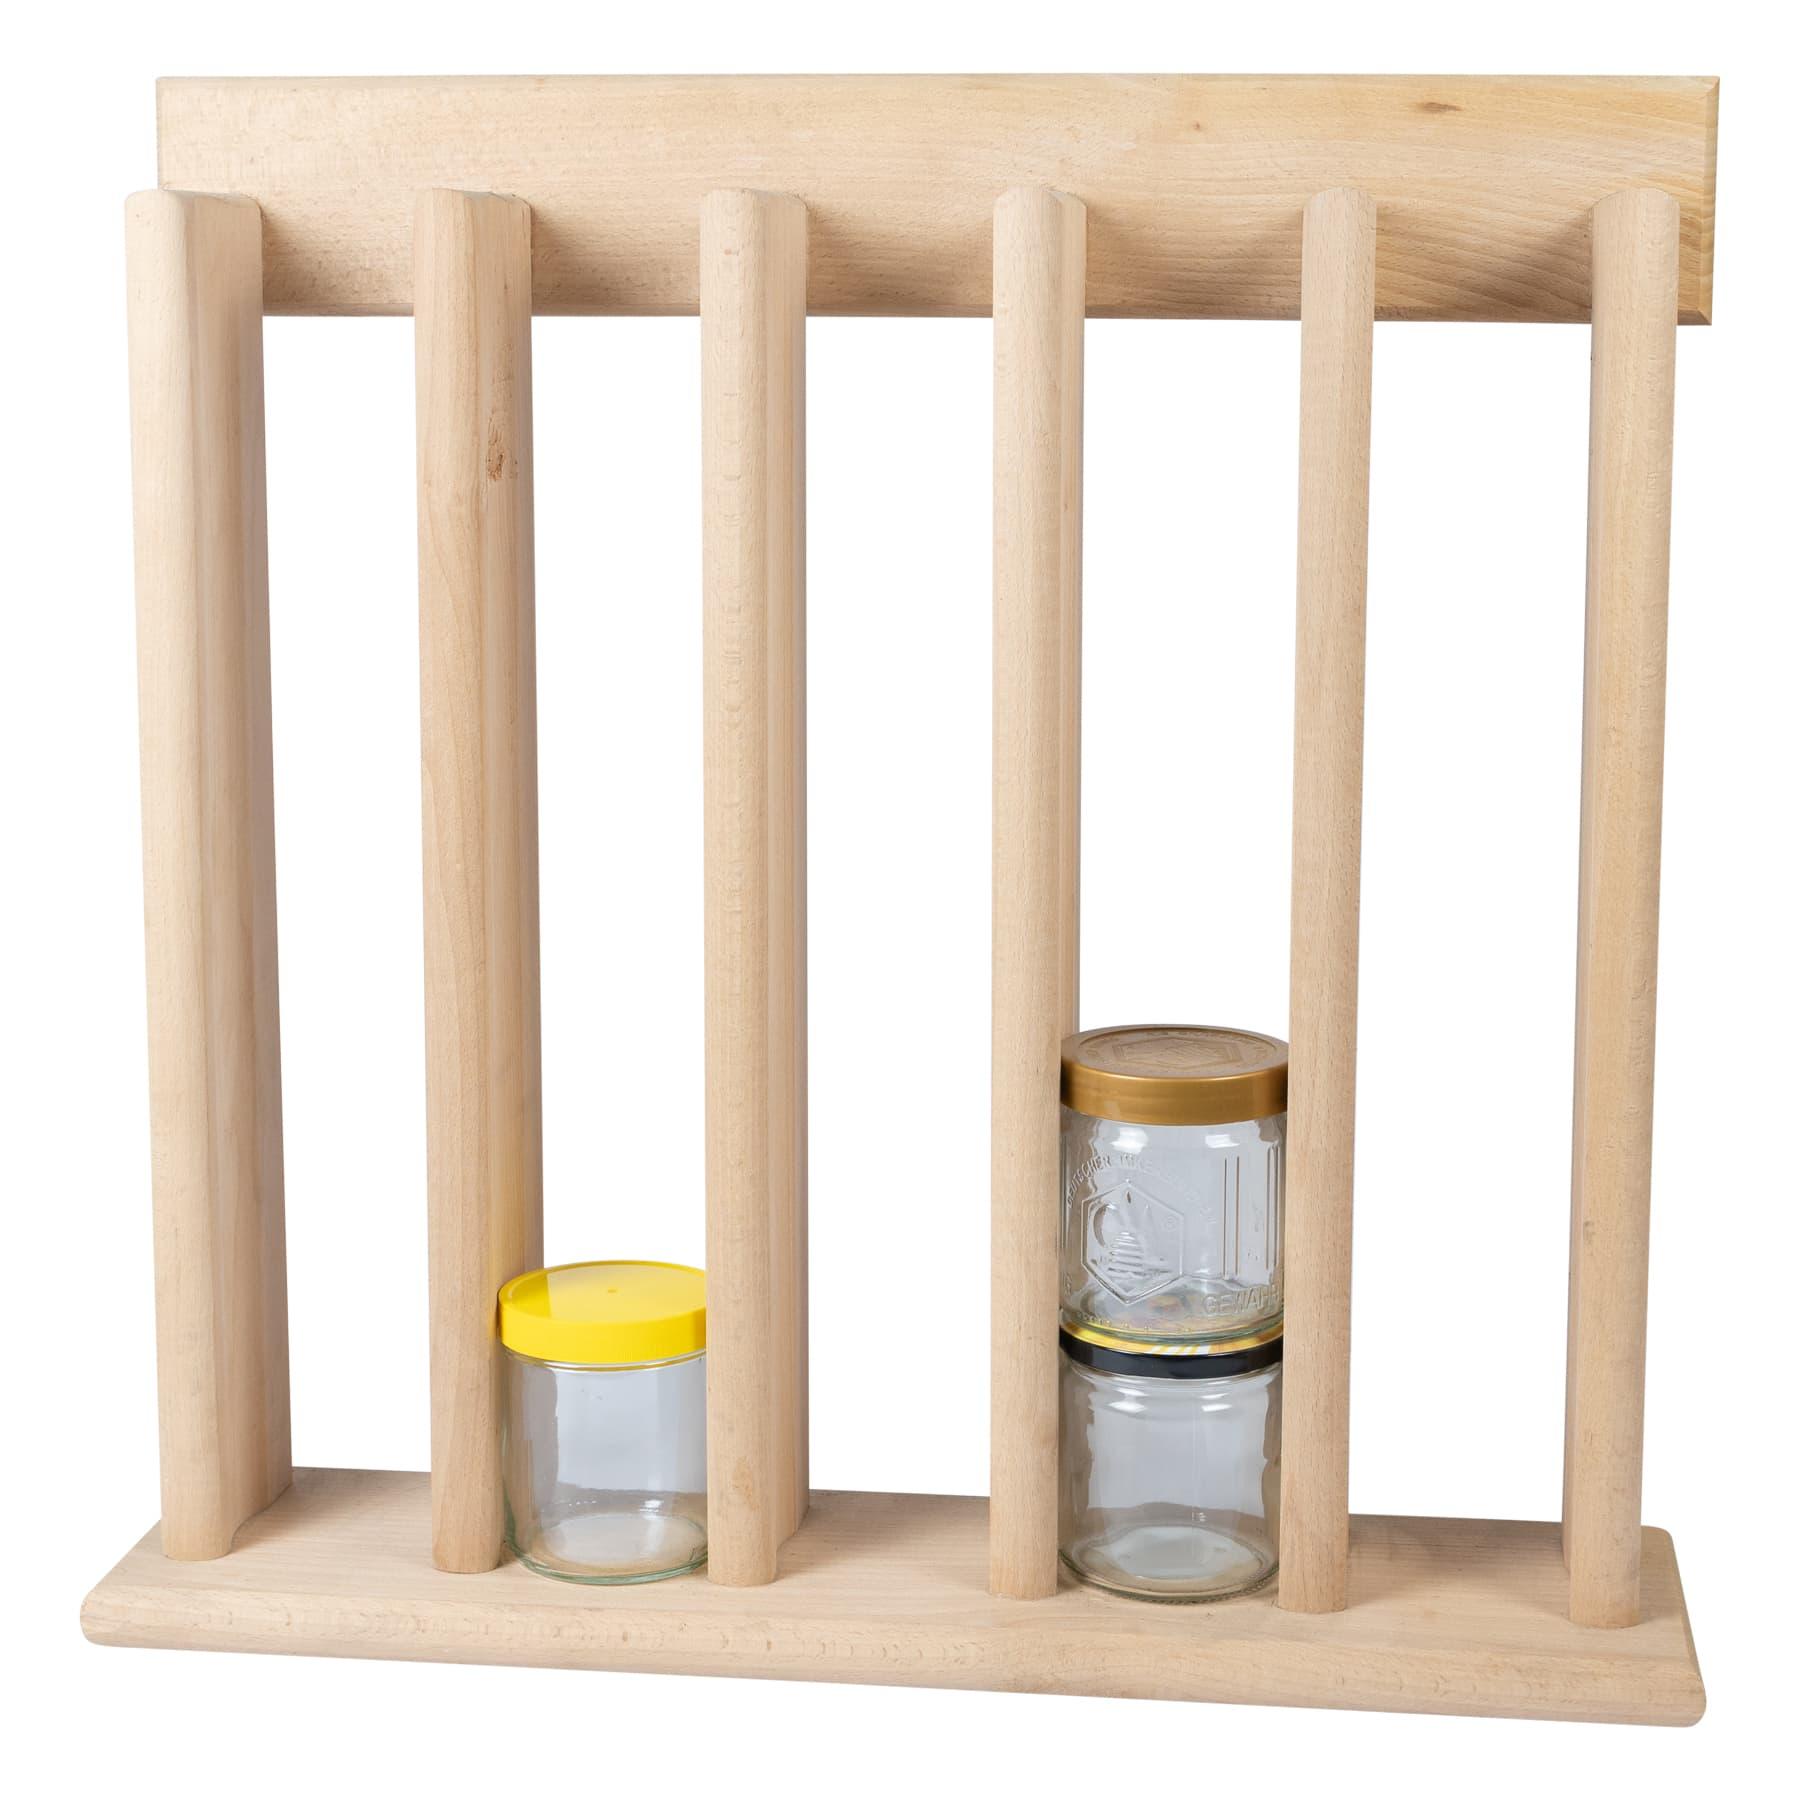 Verkaufsständer für Honig aus Holz ohne Füße